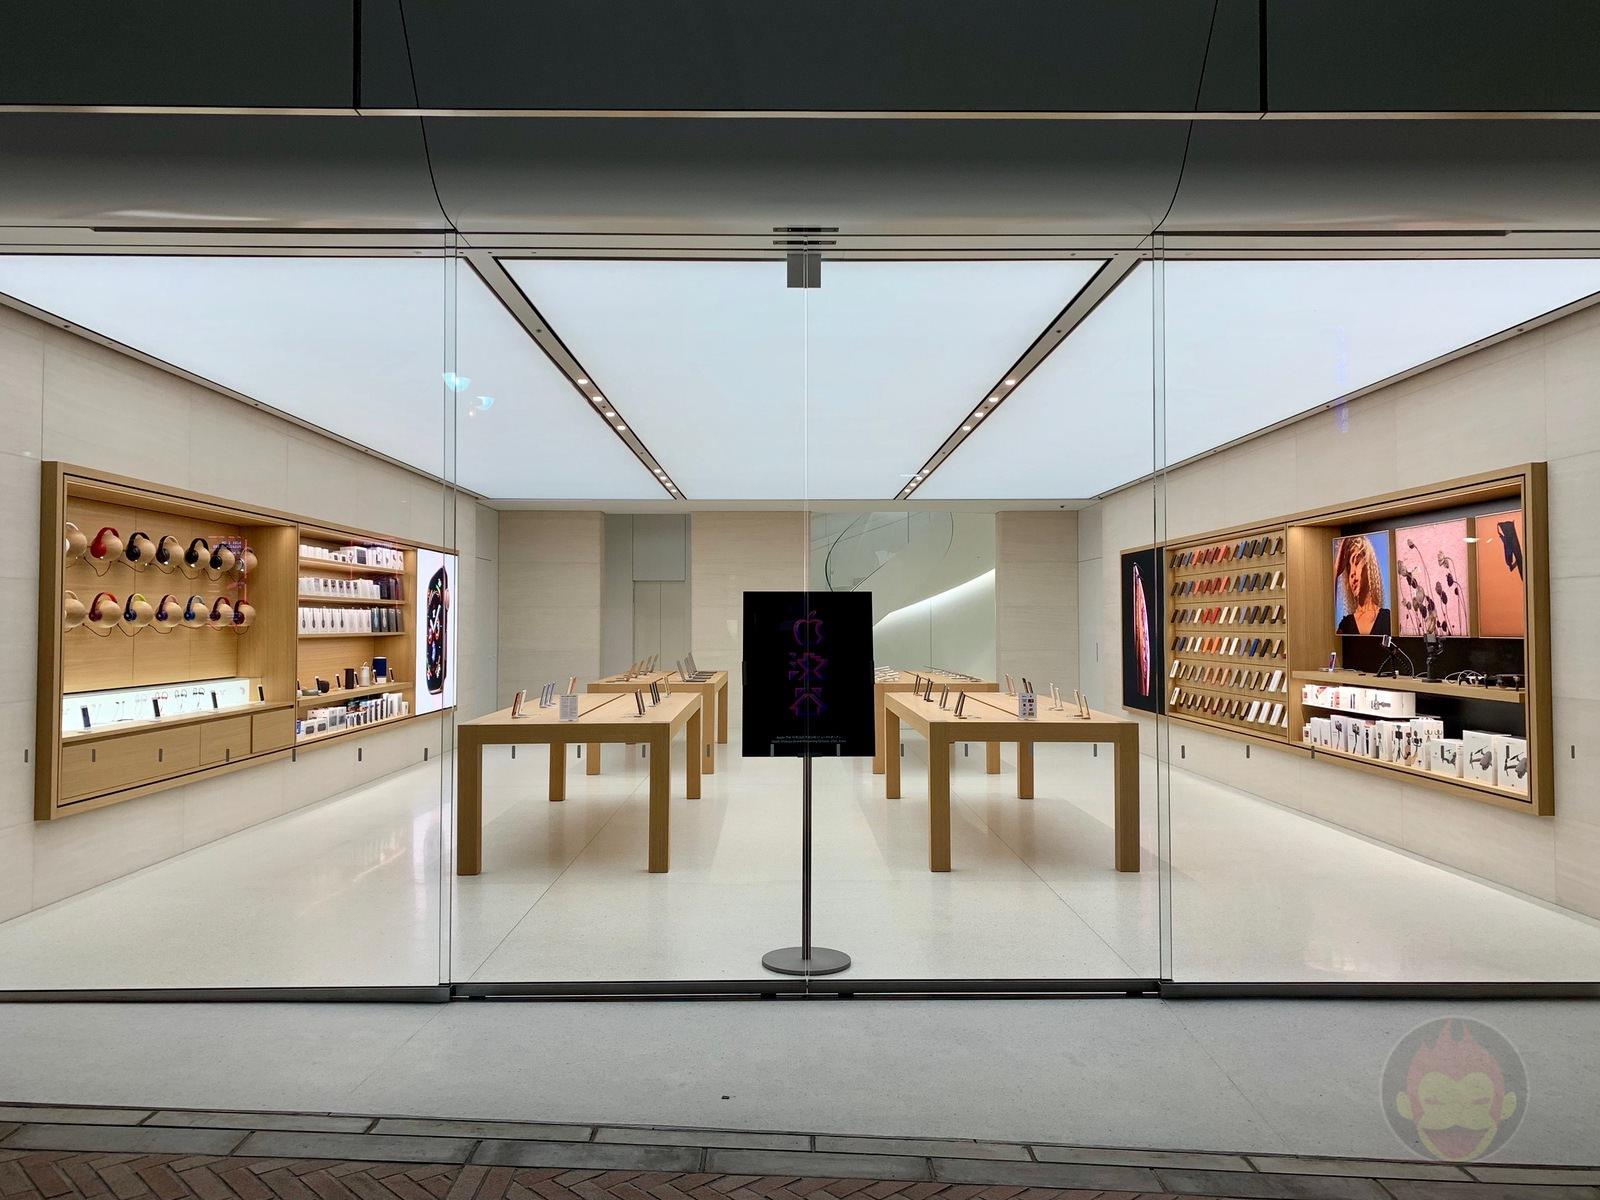 Apple-Shibuya-Before-Renewal-Open-02.jpg